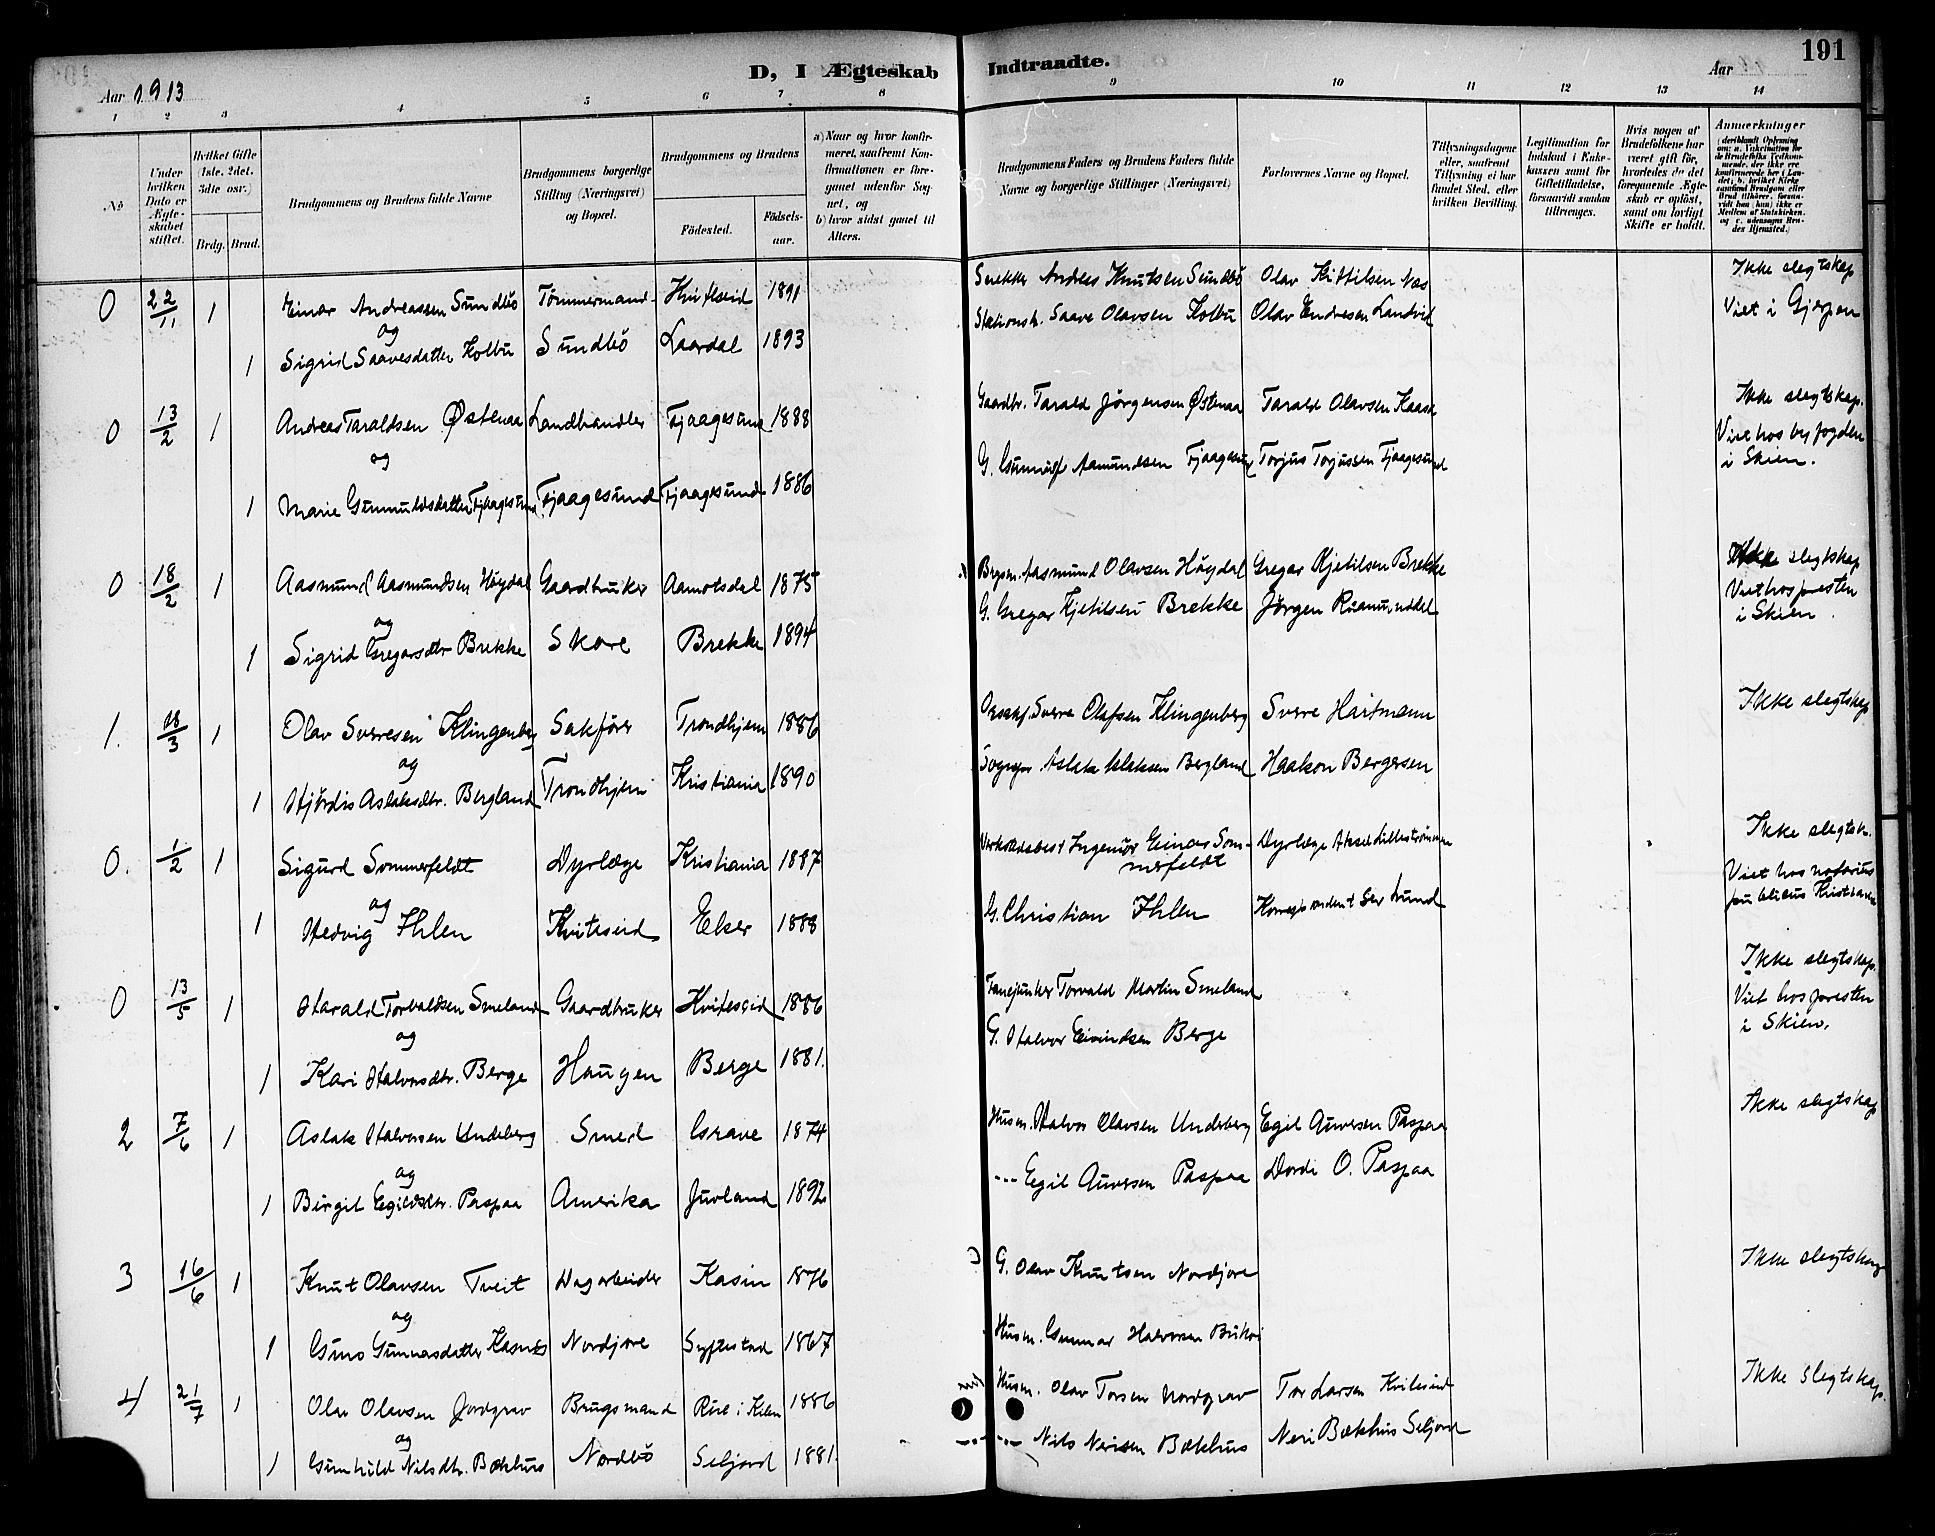 SAKO, Kviteseid kirkebøker, G/Ga/L0002: Klokkerbok nr. I 2, 1893-1918, s. 191